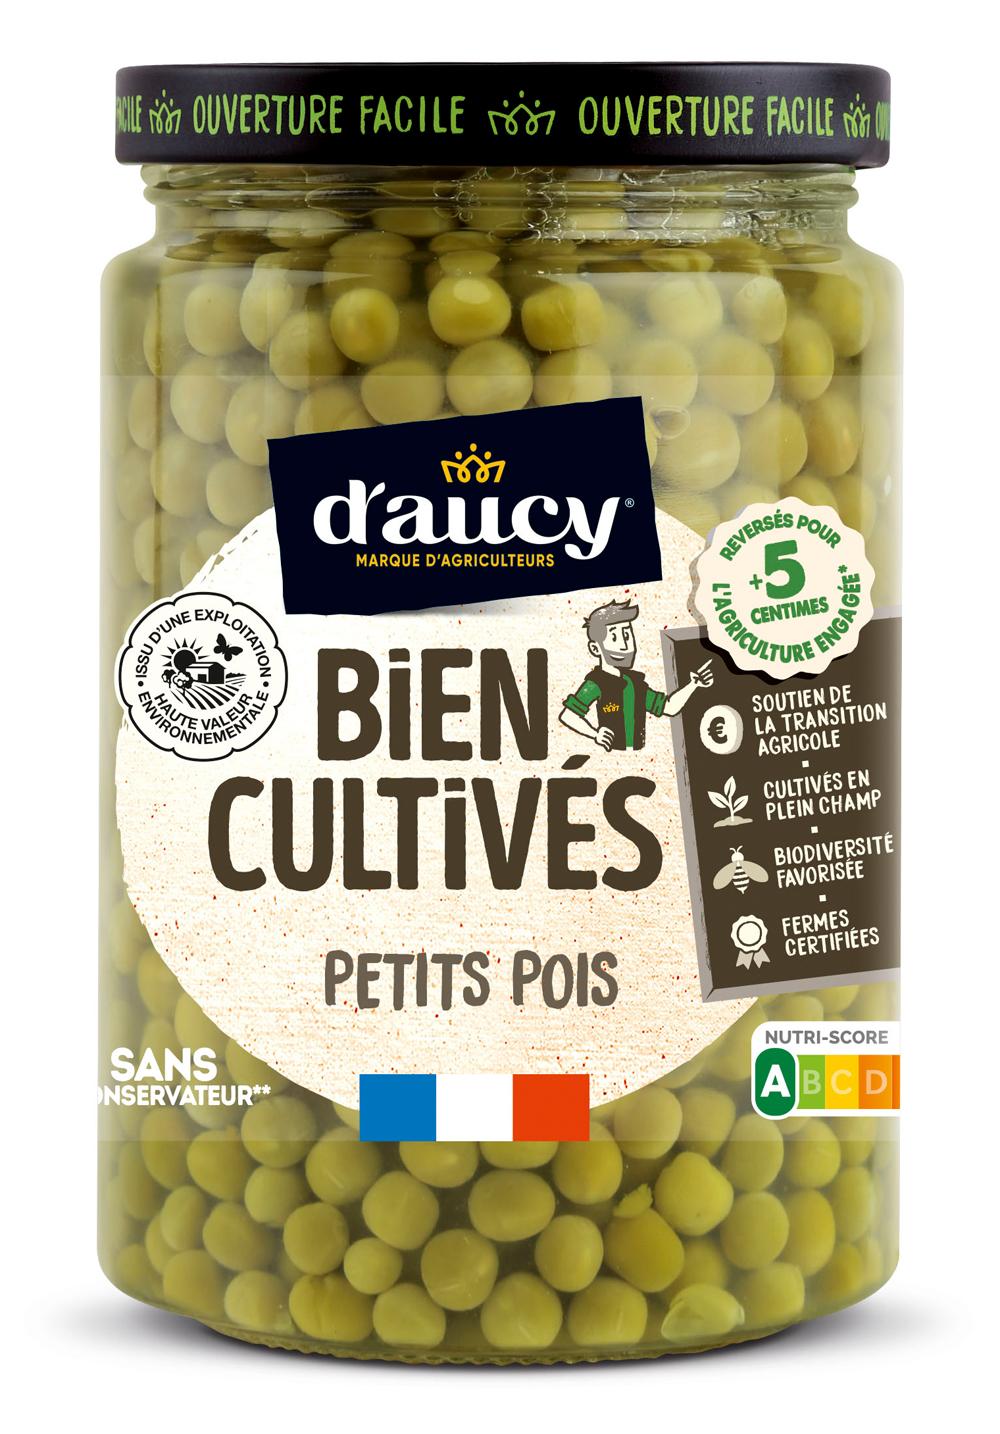 daucy04 - « Bien Cultivés » de d'aucy, la nouvelle gamme de légumes issus d'exploitations certifiées H.V.E.